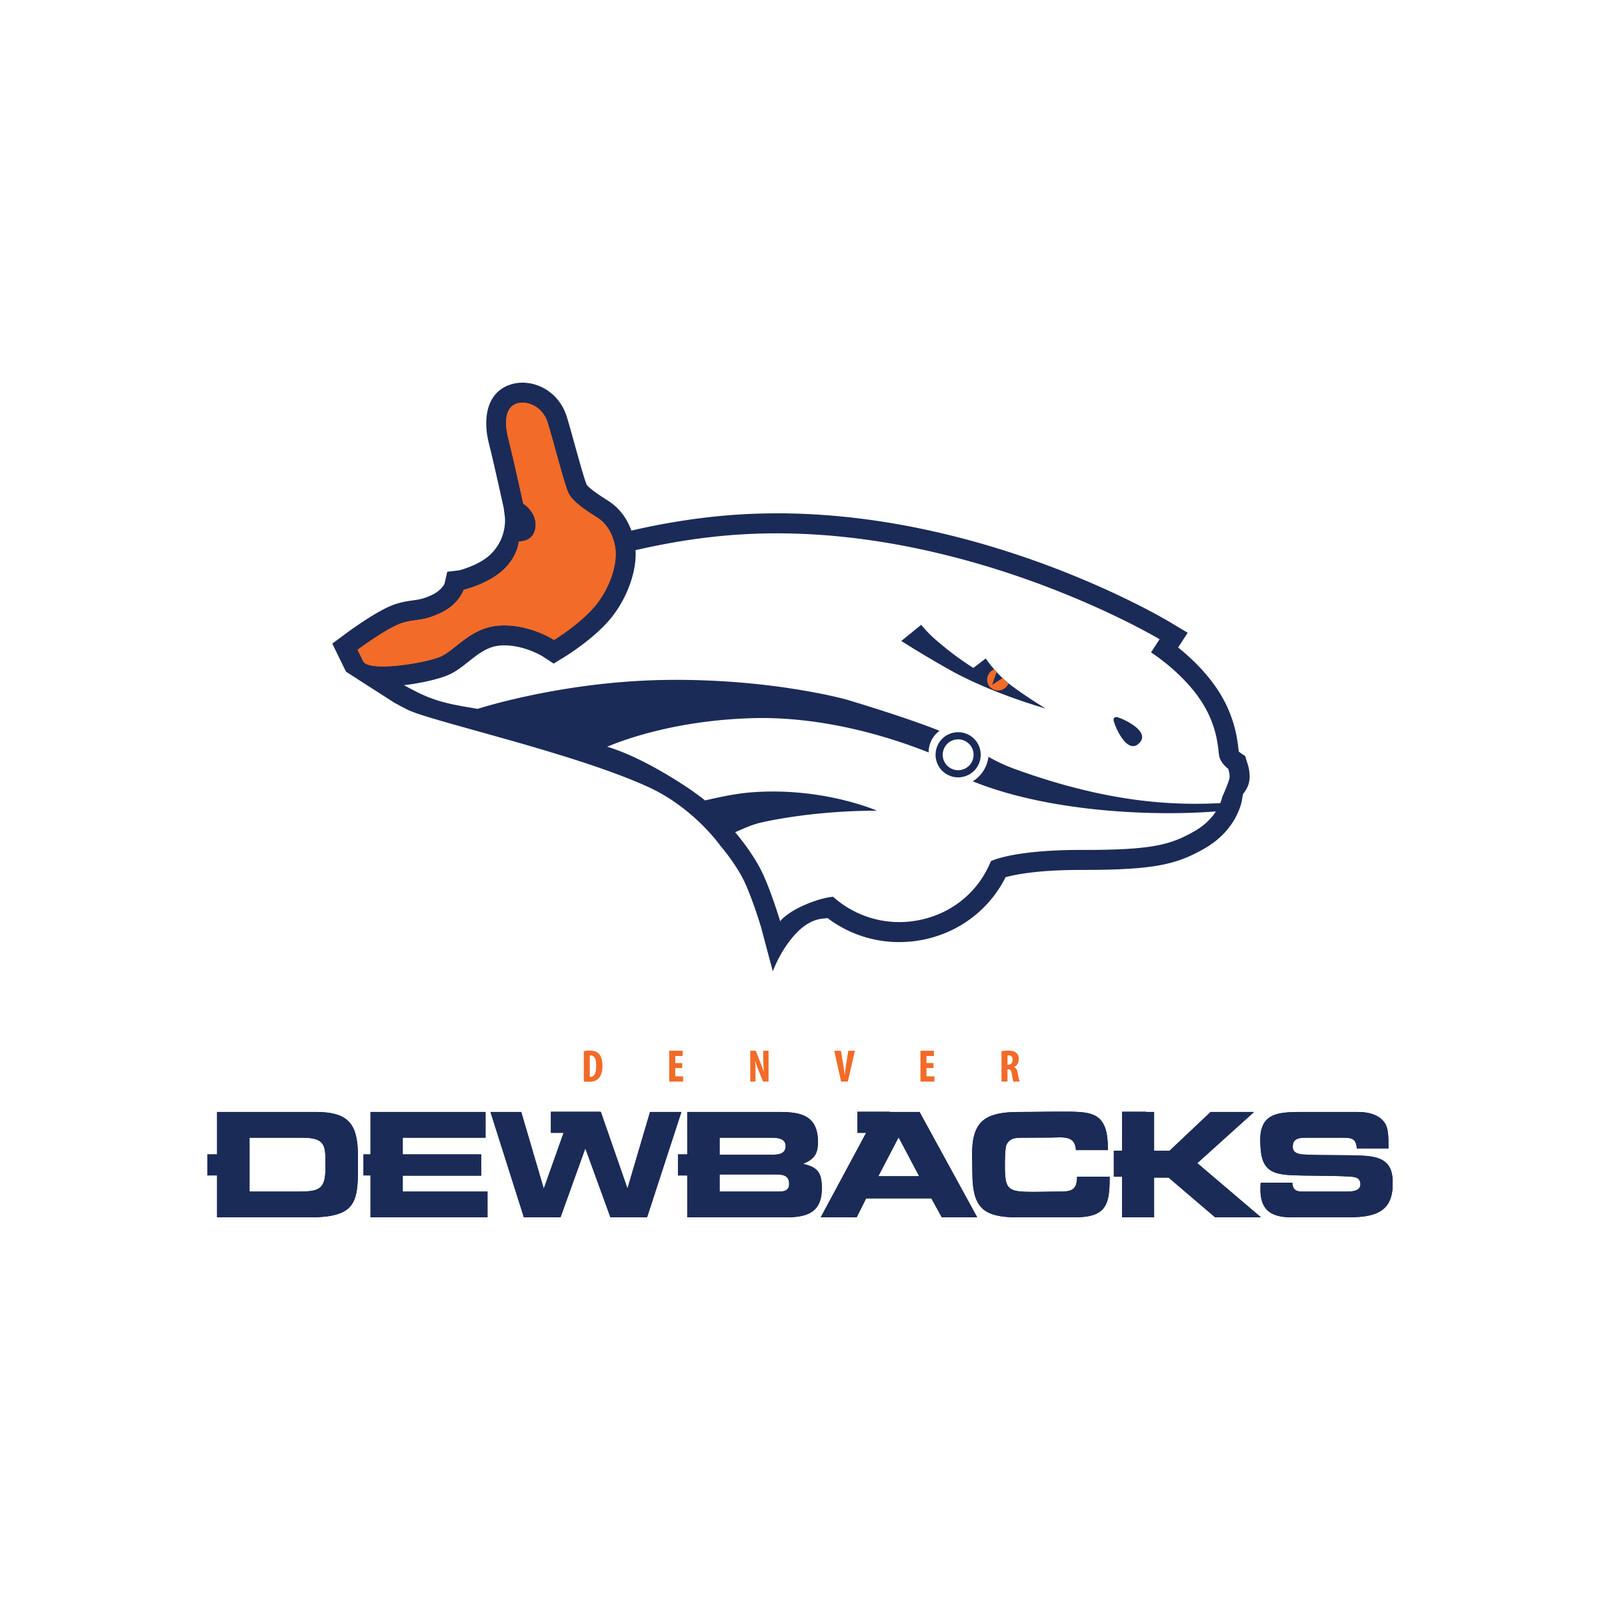 Denver Dewbacks